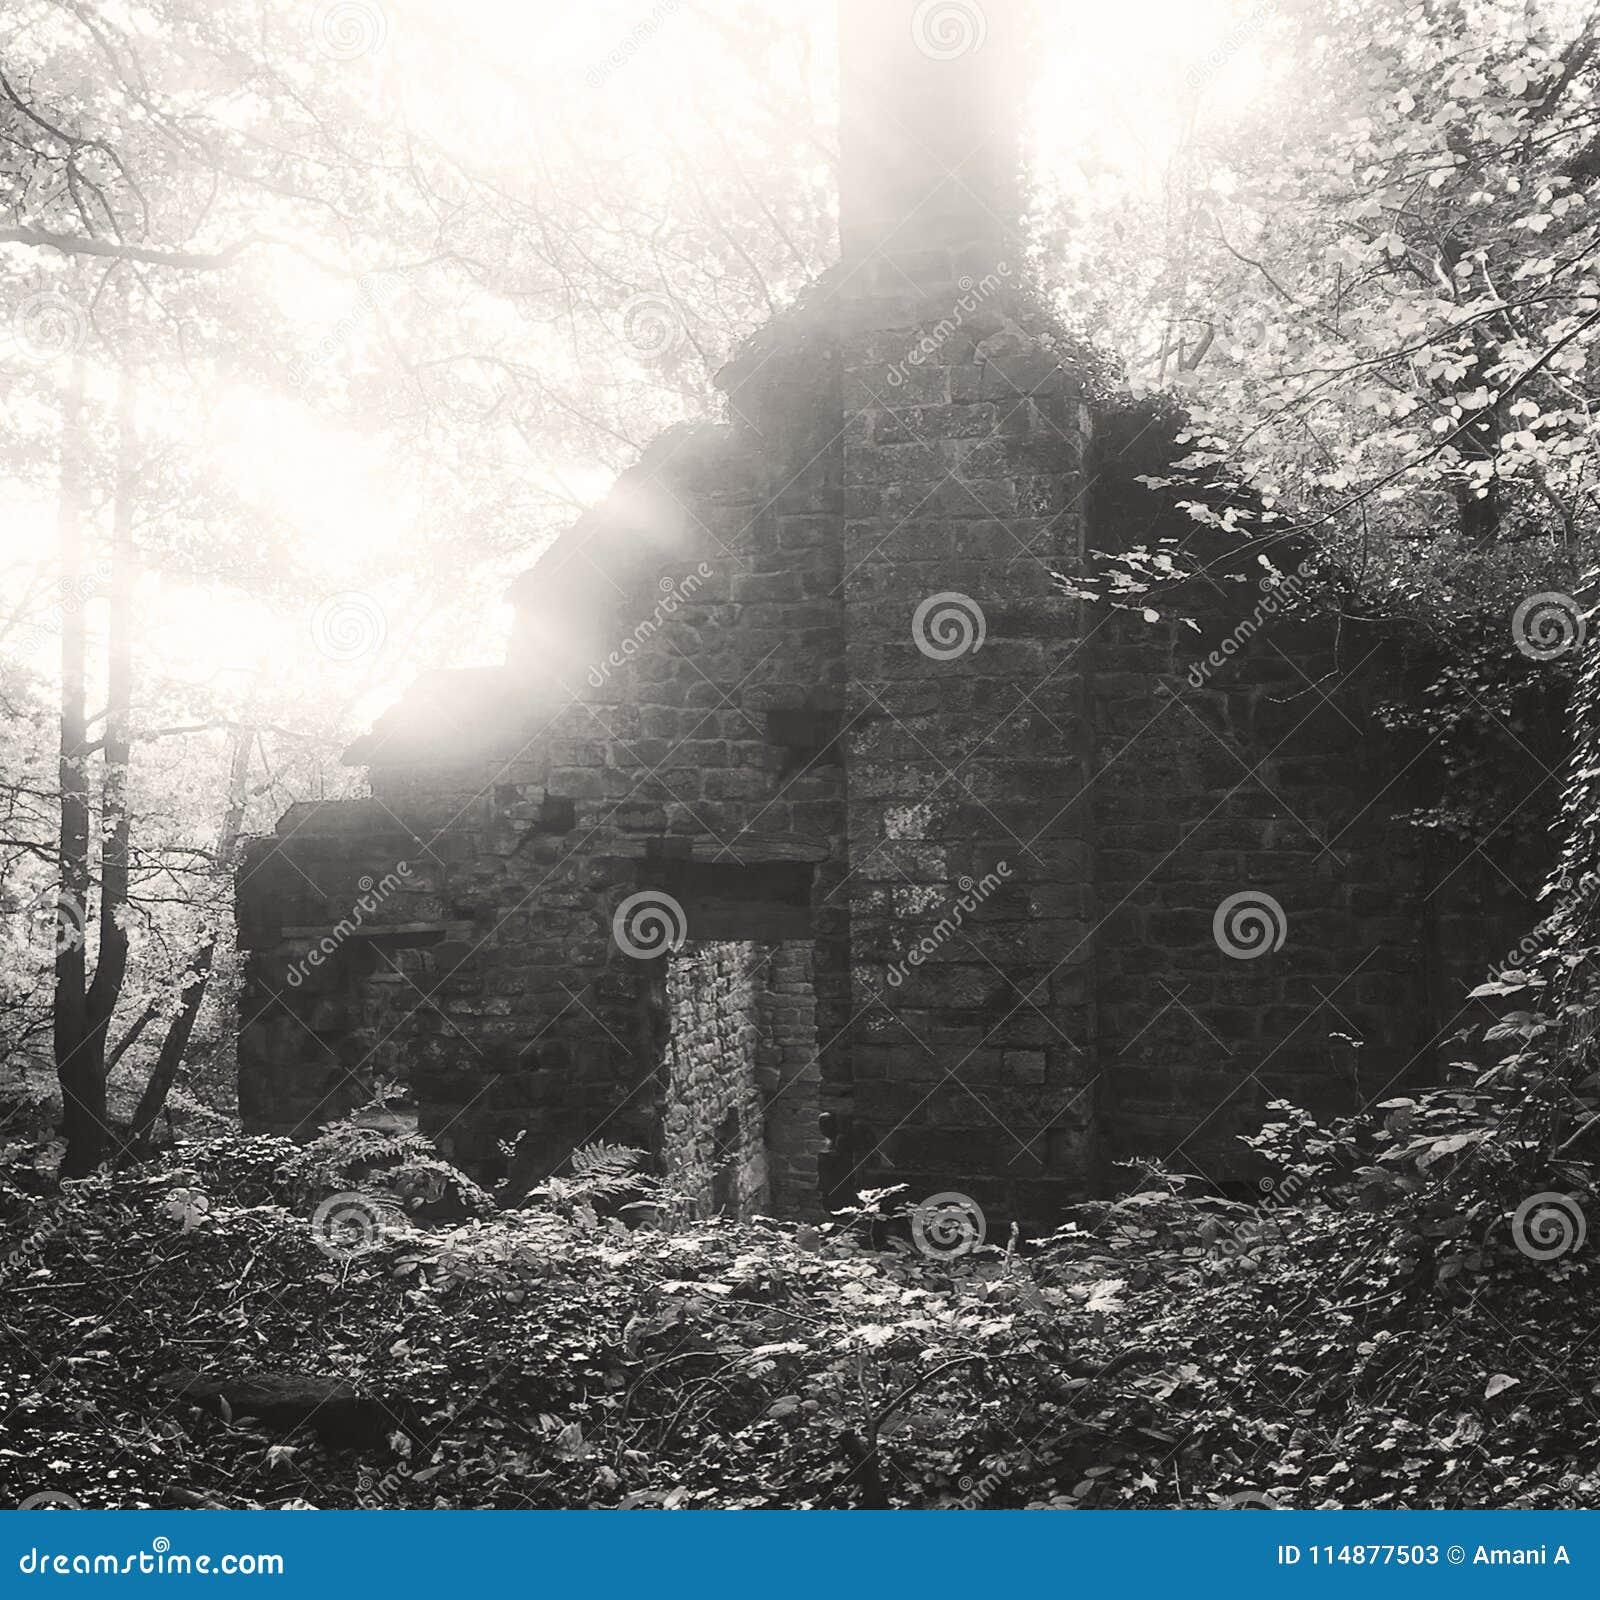 Eine alte aufgegebene Mühle, die im Wald errichtet